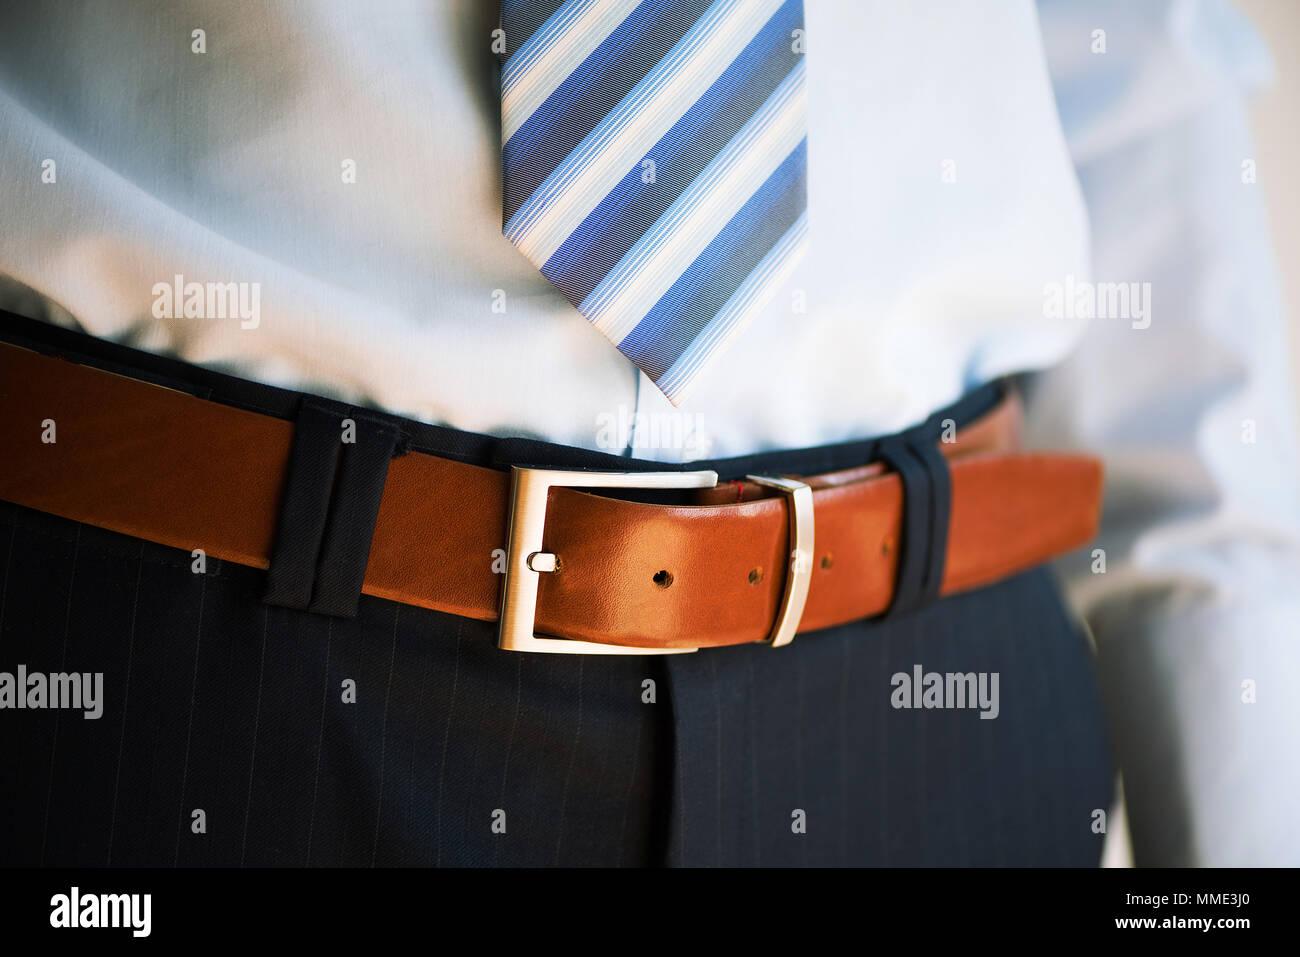 2e4ac805a5c Homme porte la ceinture. Jeune homme en costume décontracté avec des  accessoires. Vêtements de mode et concept. Le marié se préparer le matin  avant de ...